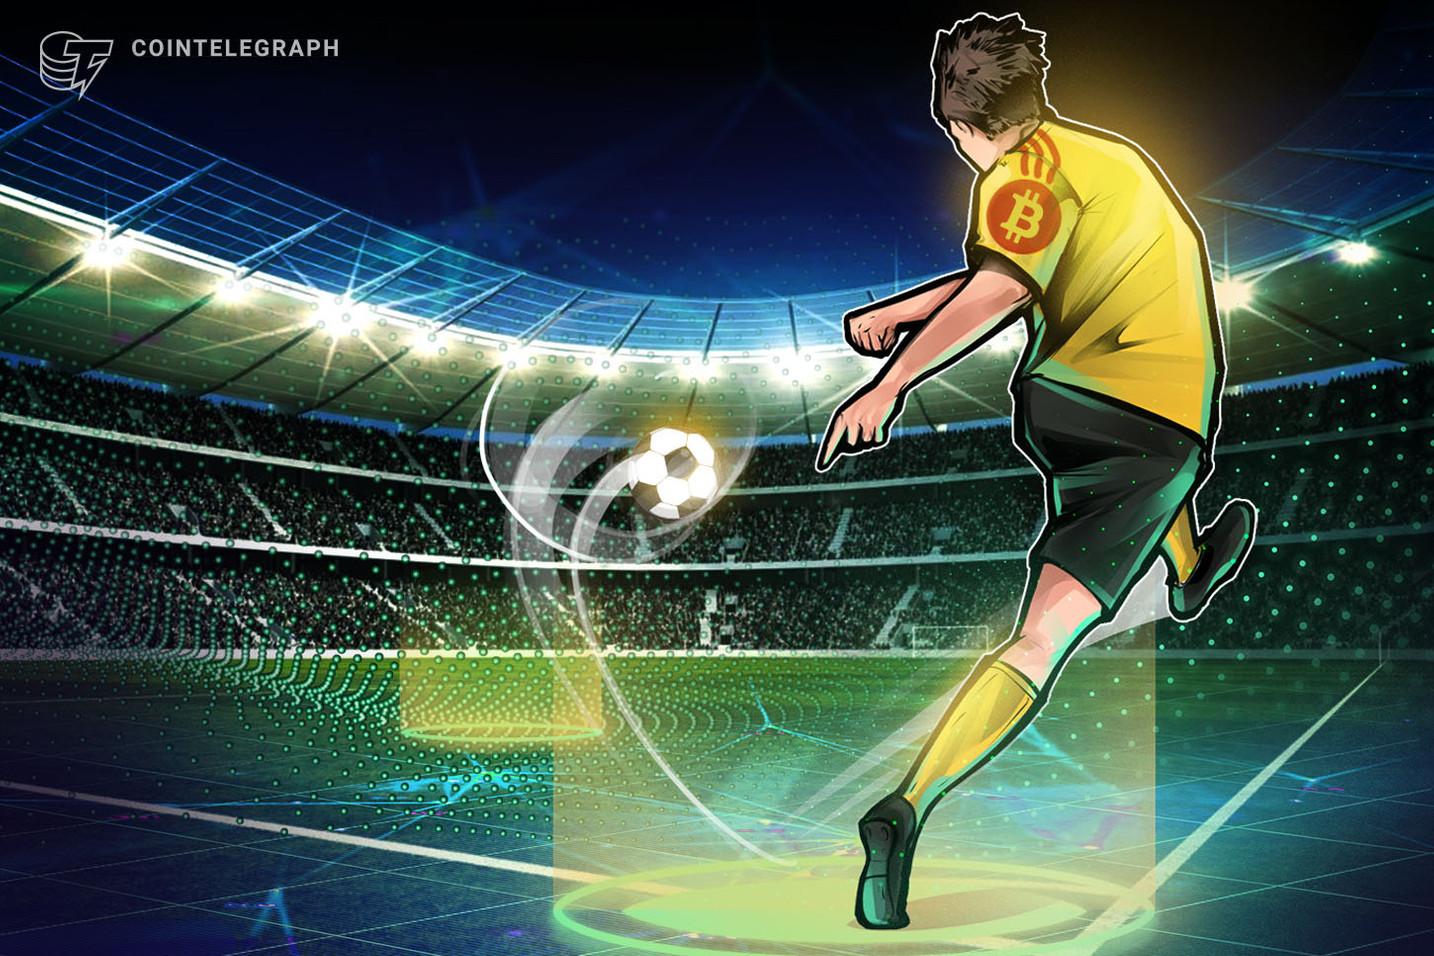 仮想通貨ビットコインのロゴ、プレミアリーグ所属チームのユニフォームに